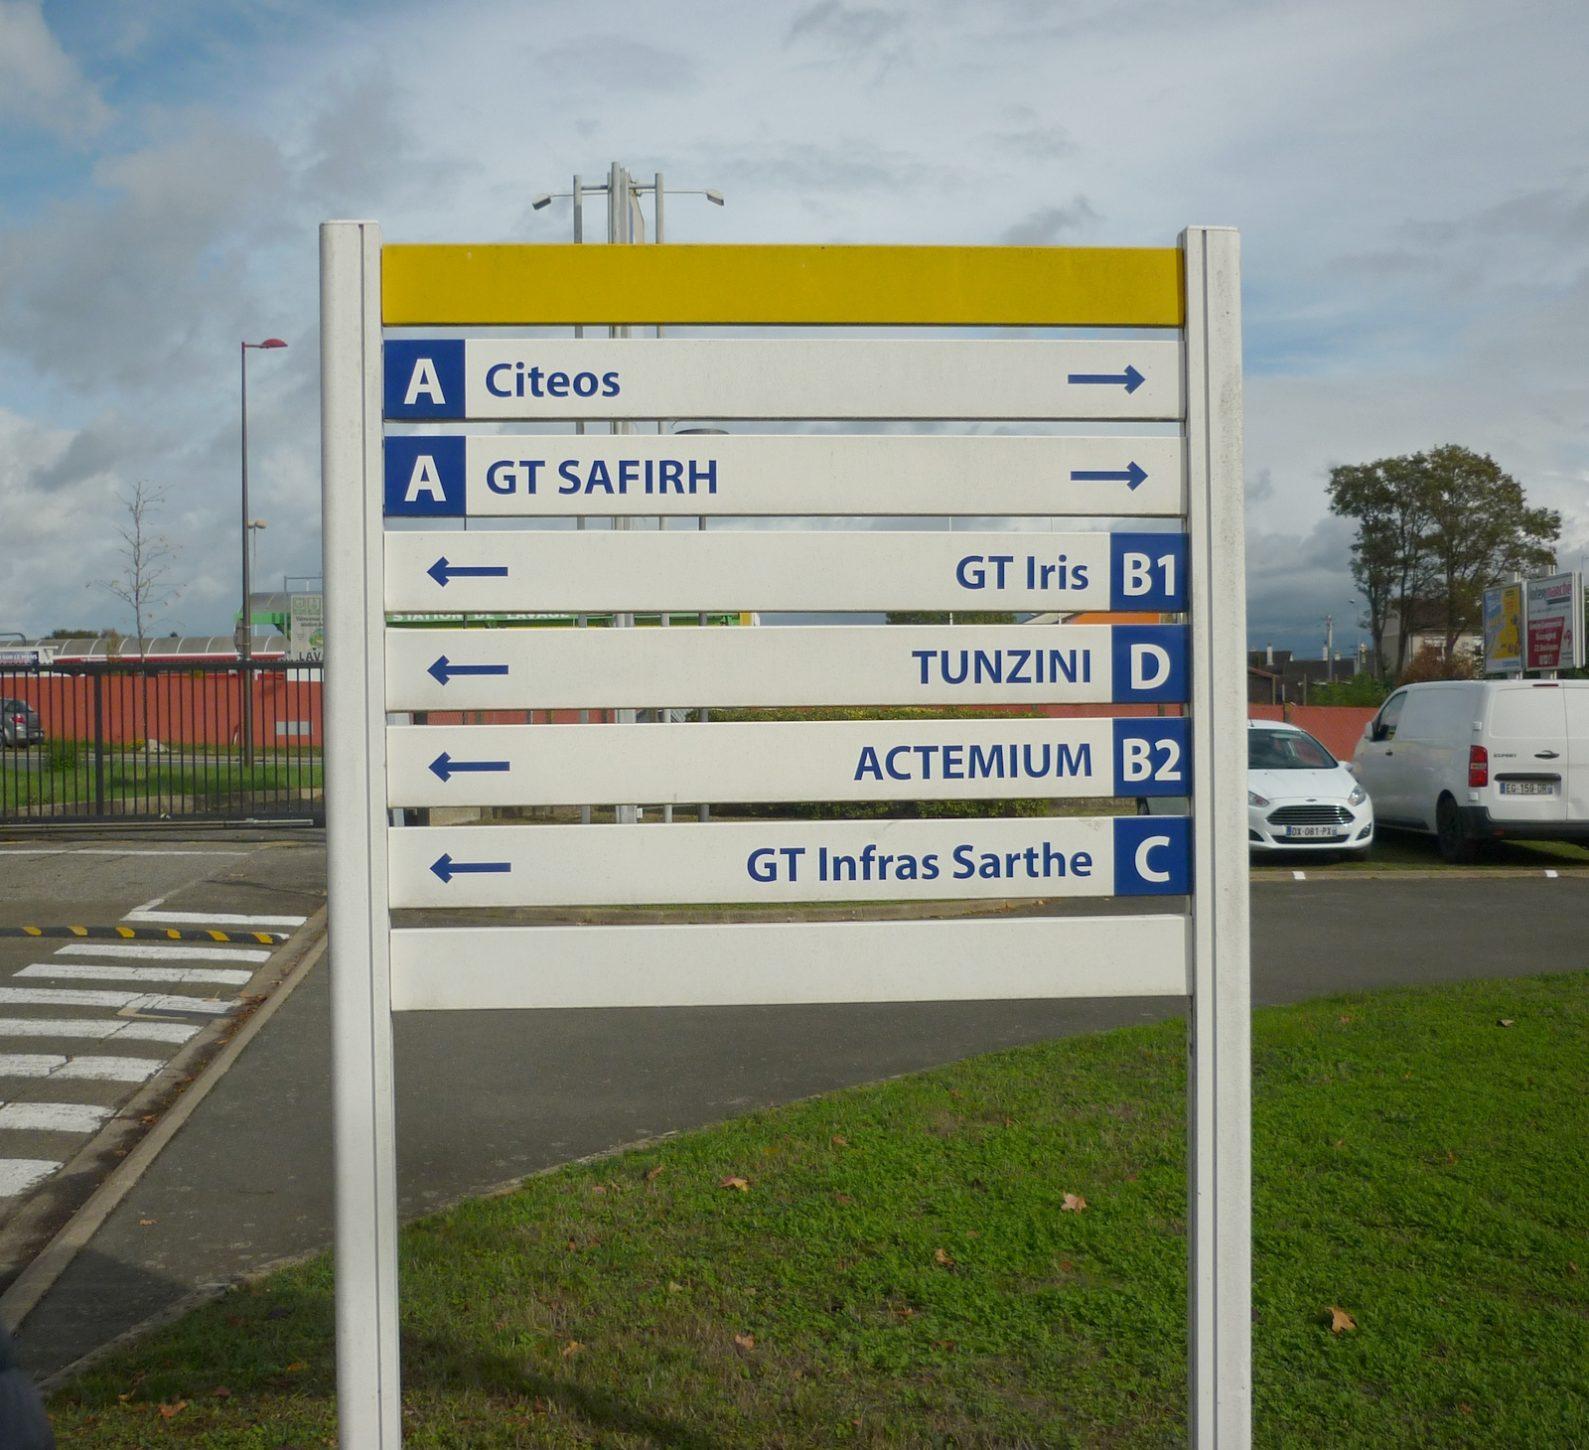 Fléchage pour signal&tique directionnelle sur un site industriel près de Le Mans